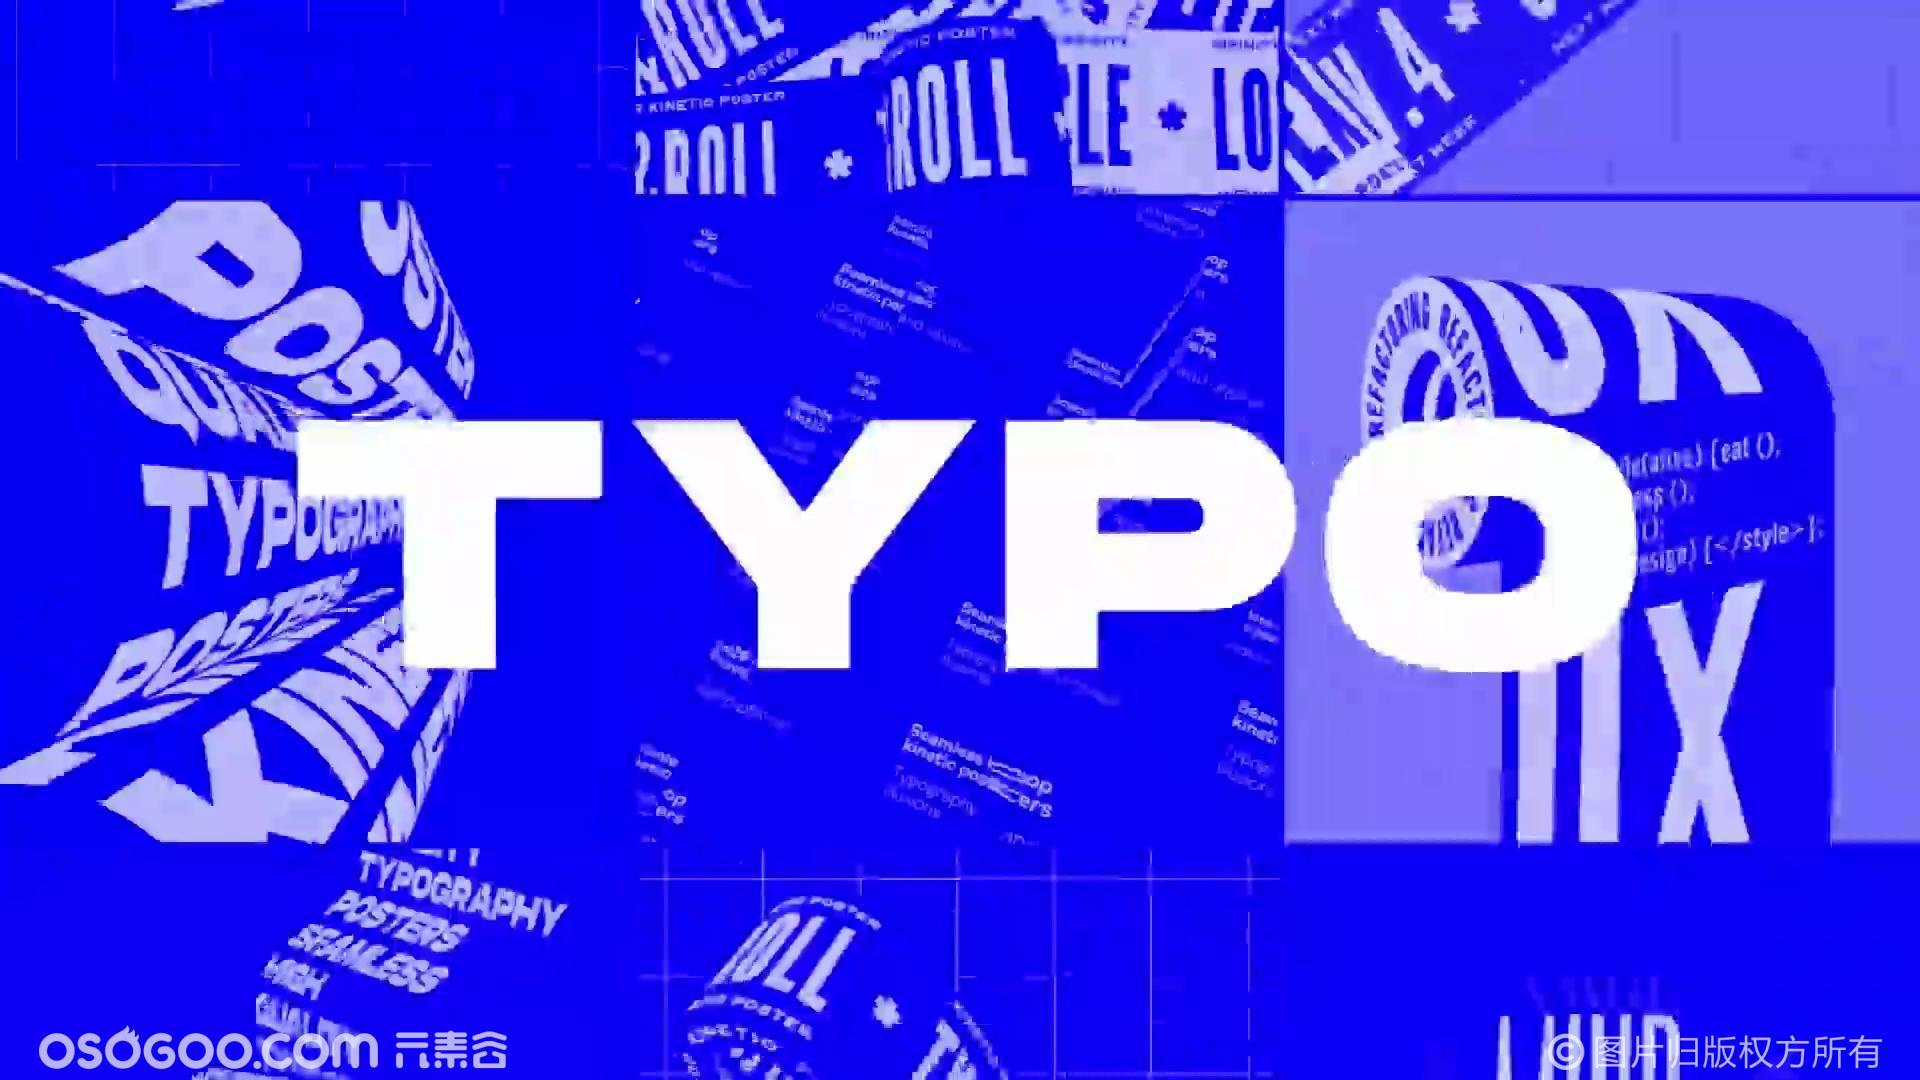 字体设计 | 让字母变化起来